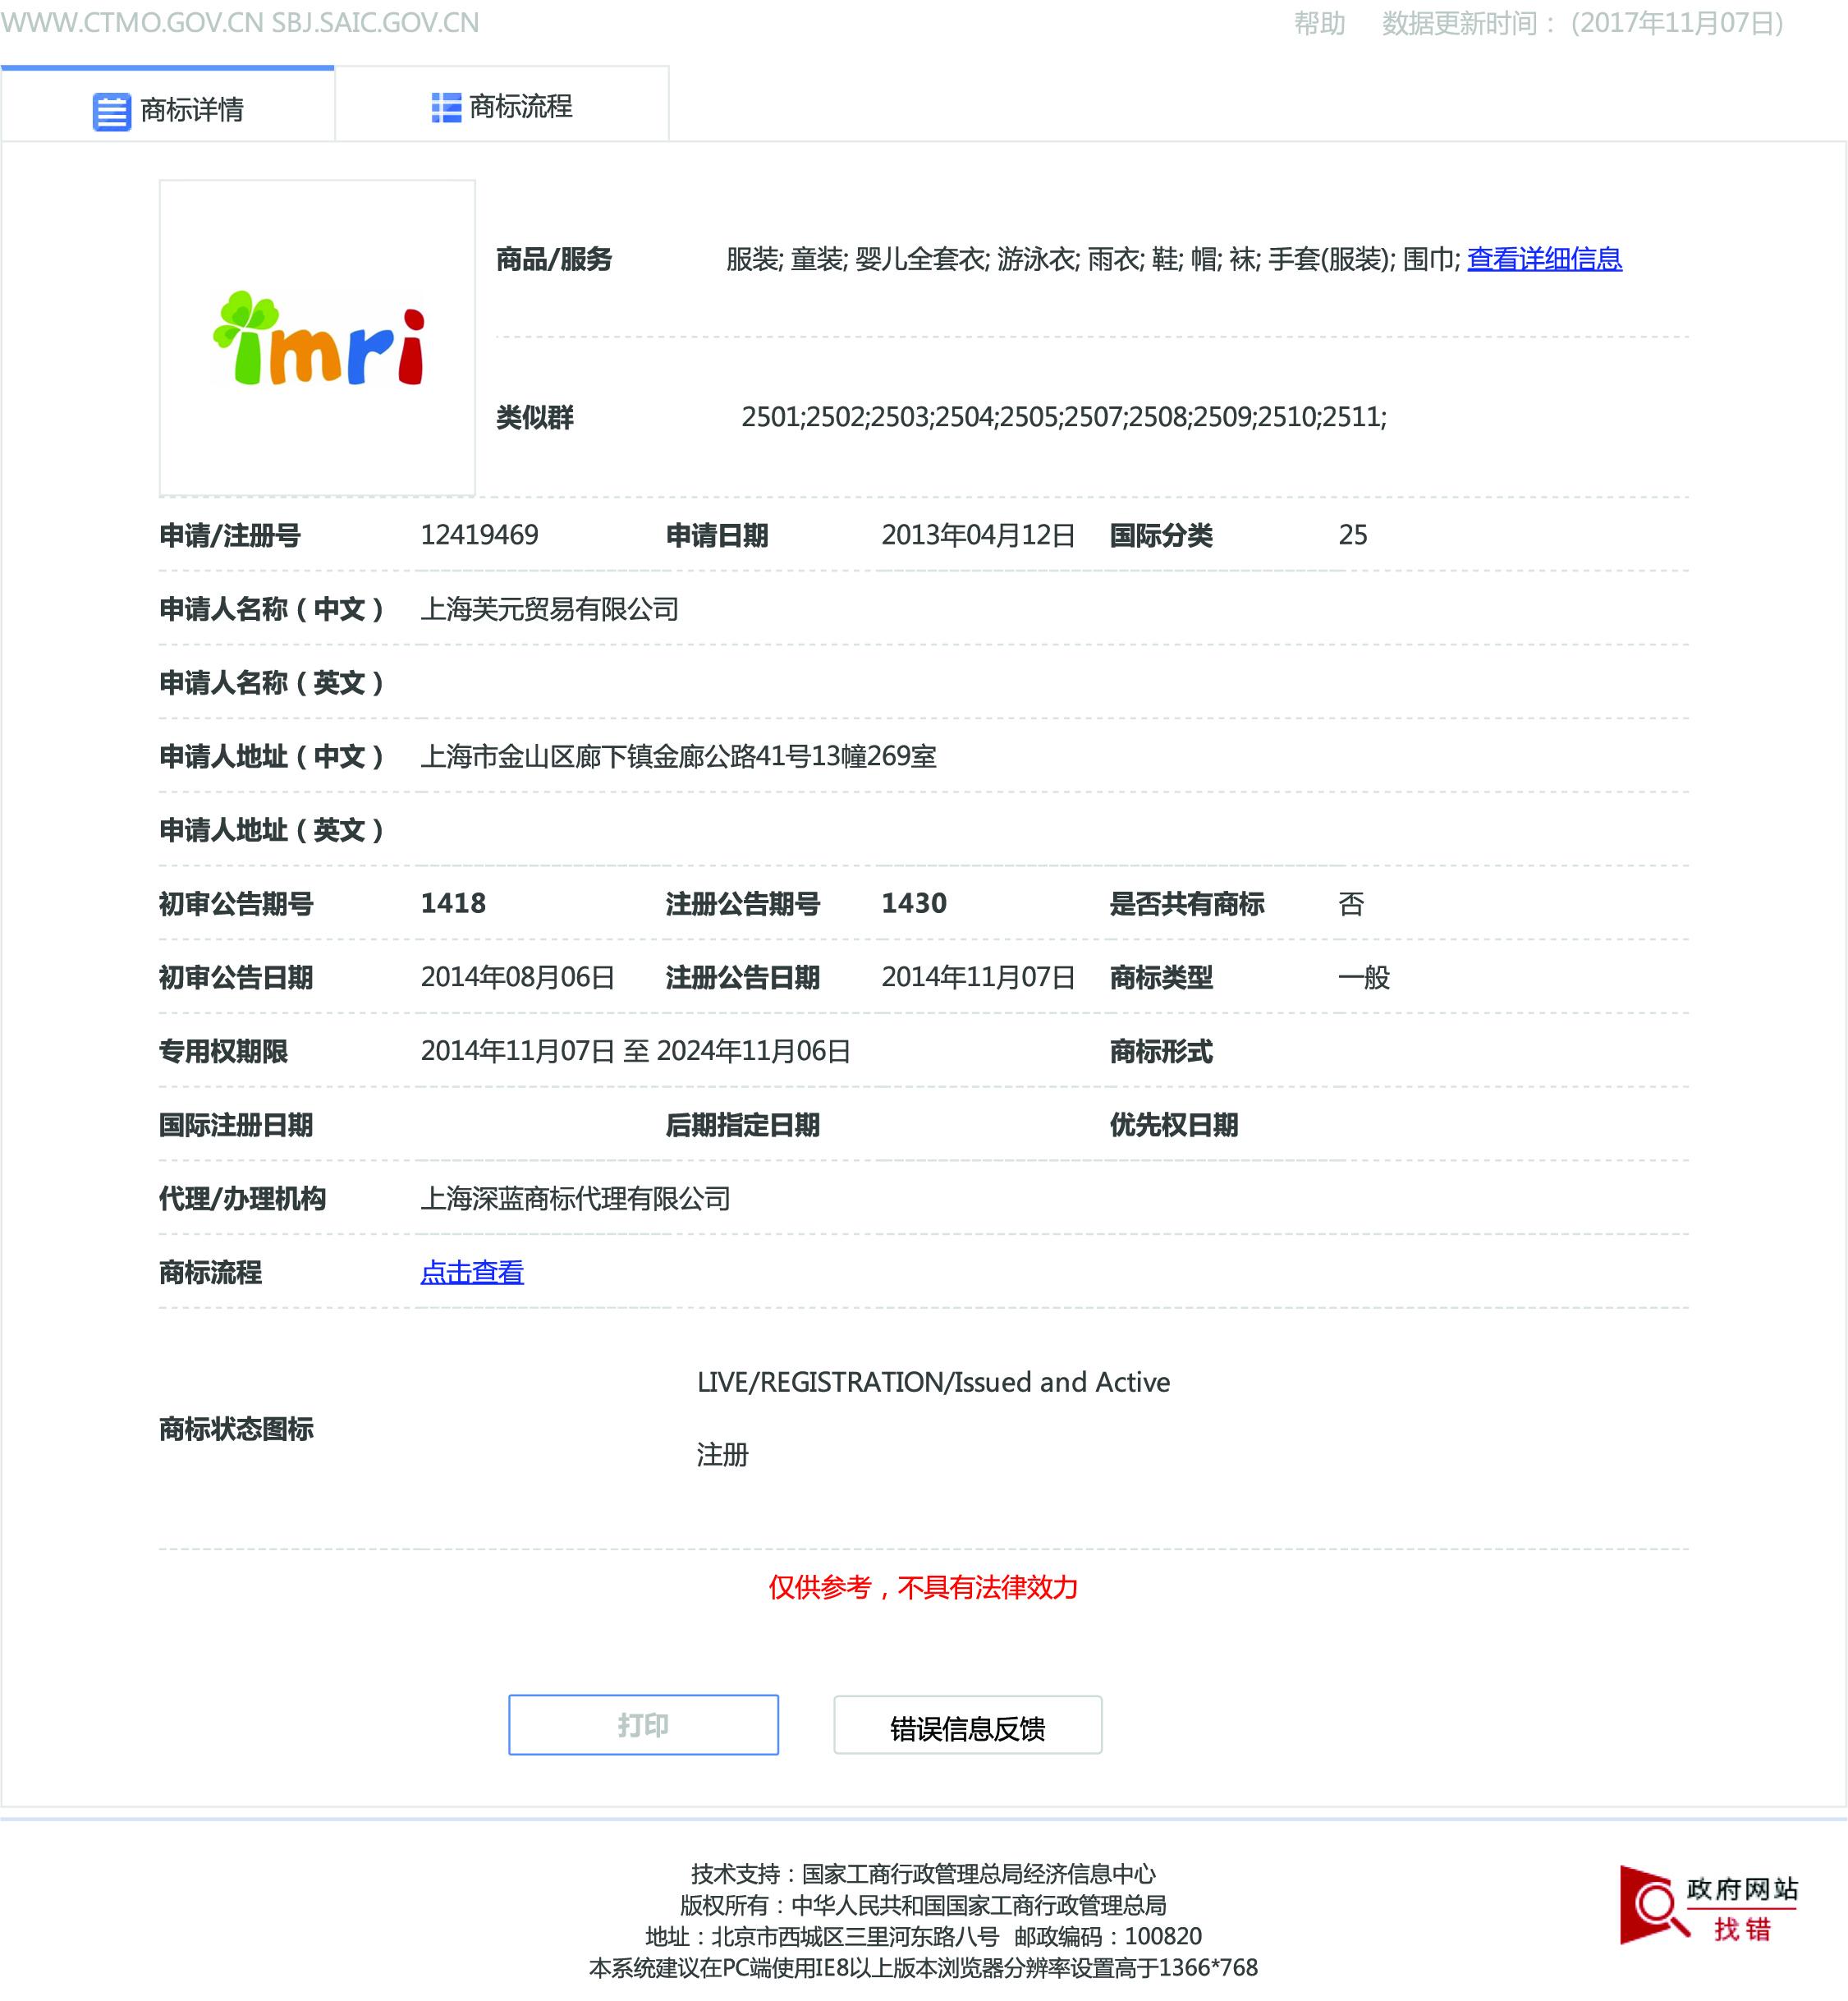 上海商标注册公告第12419469号,服饰商标注册公告